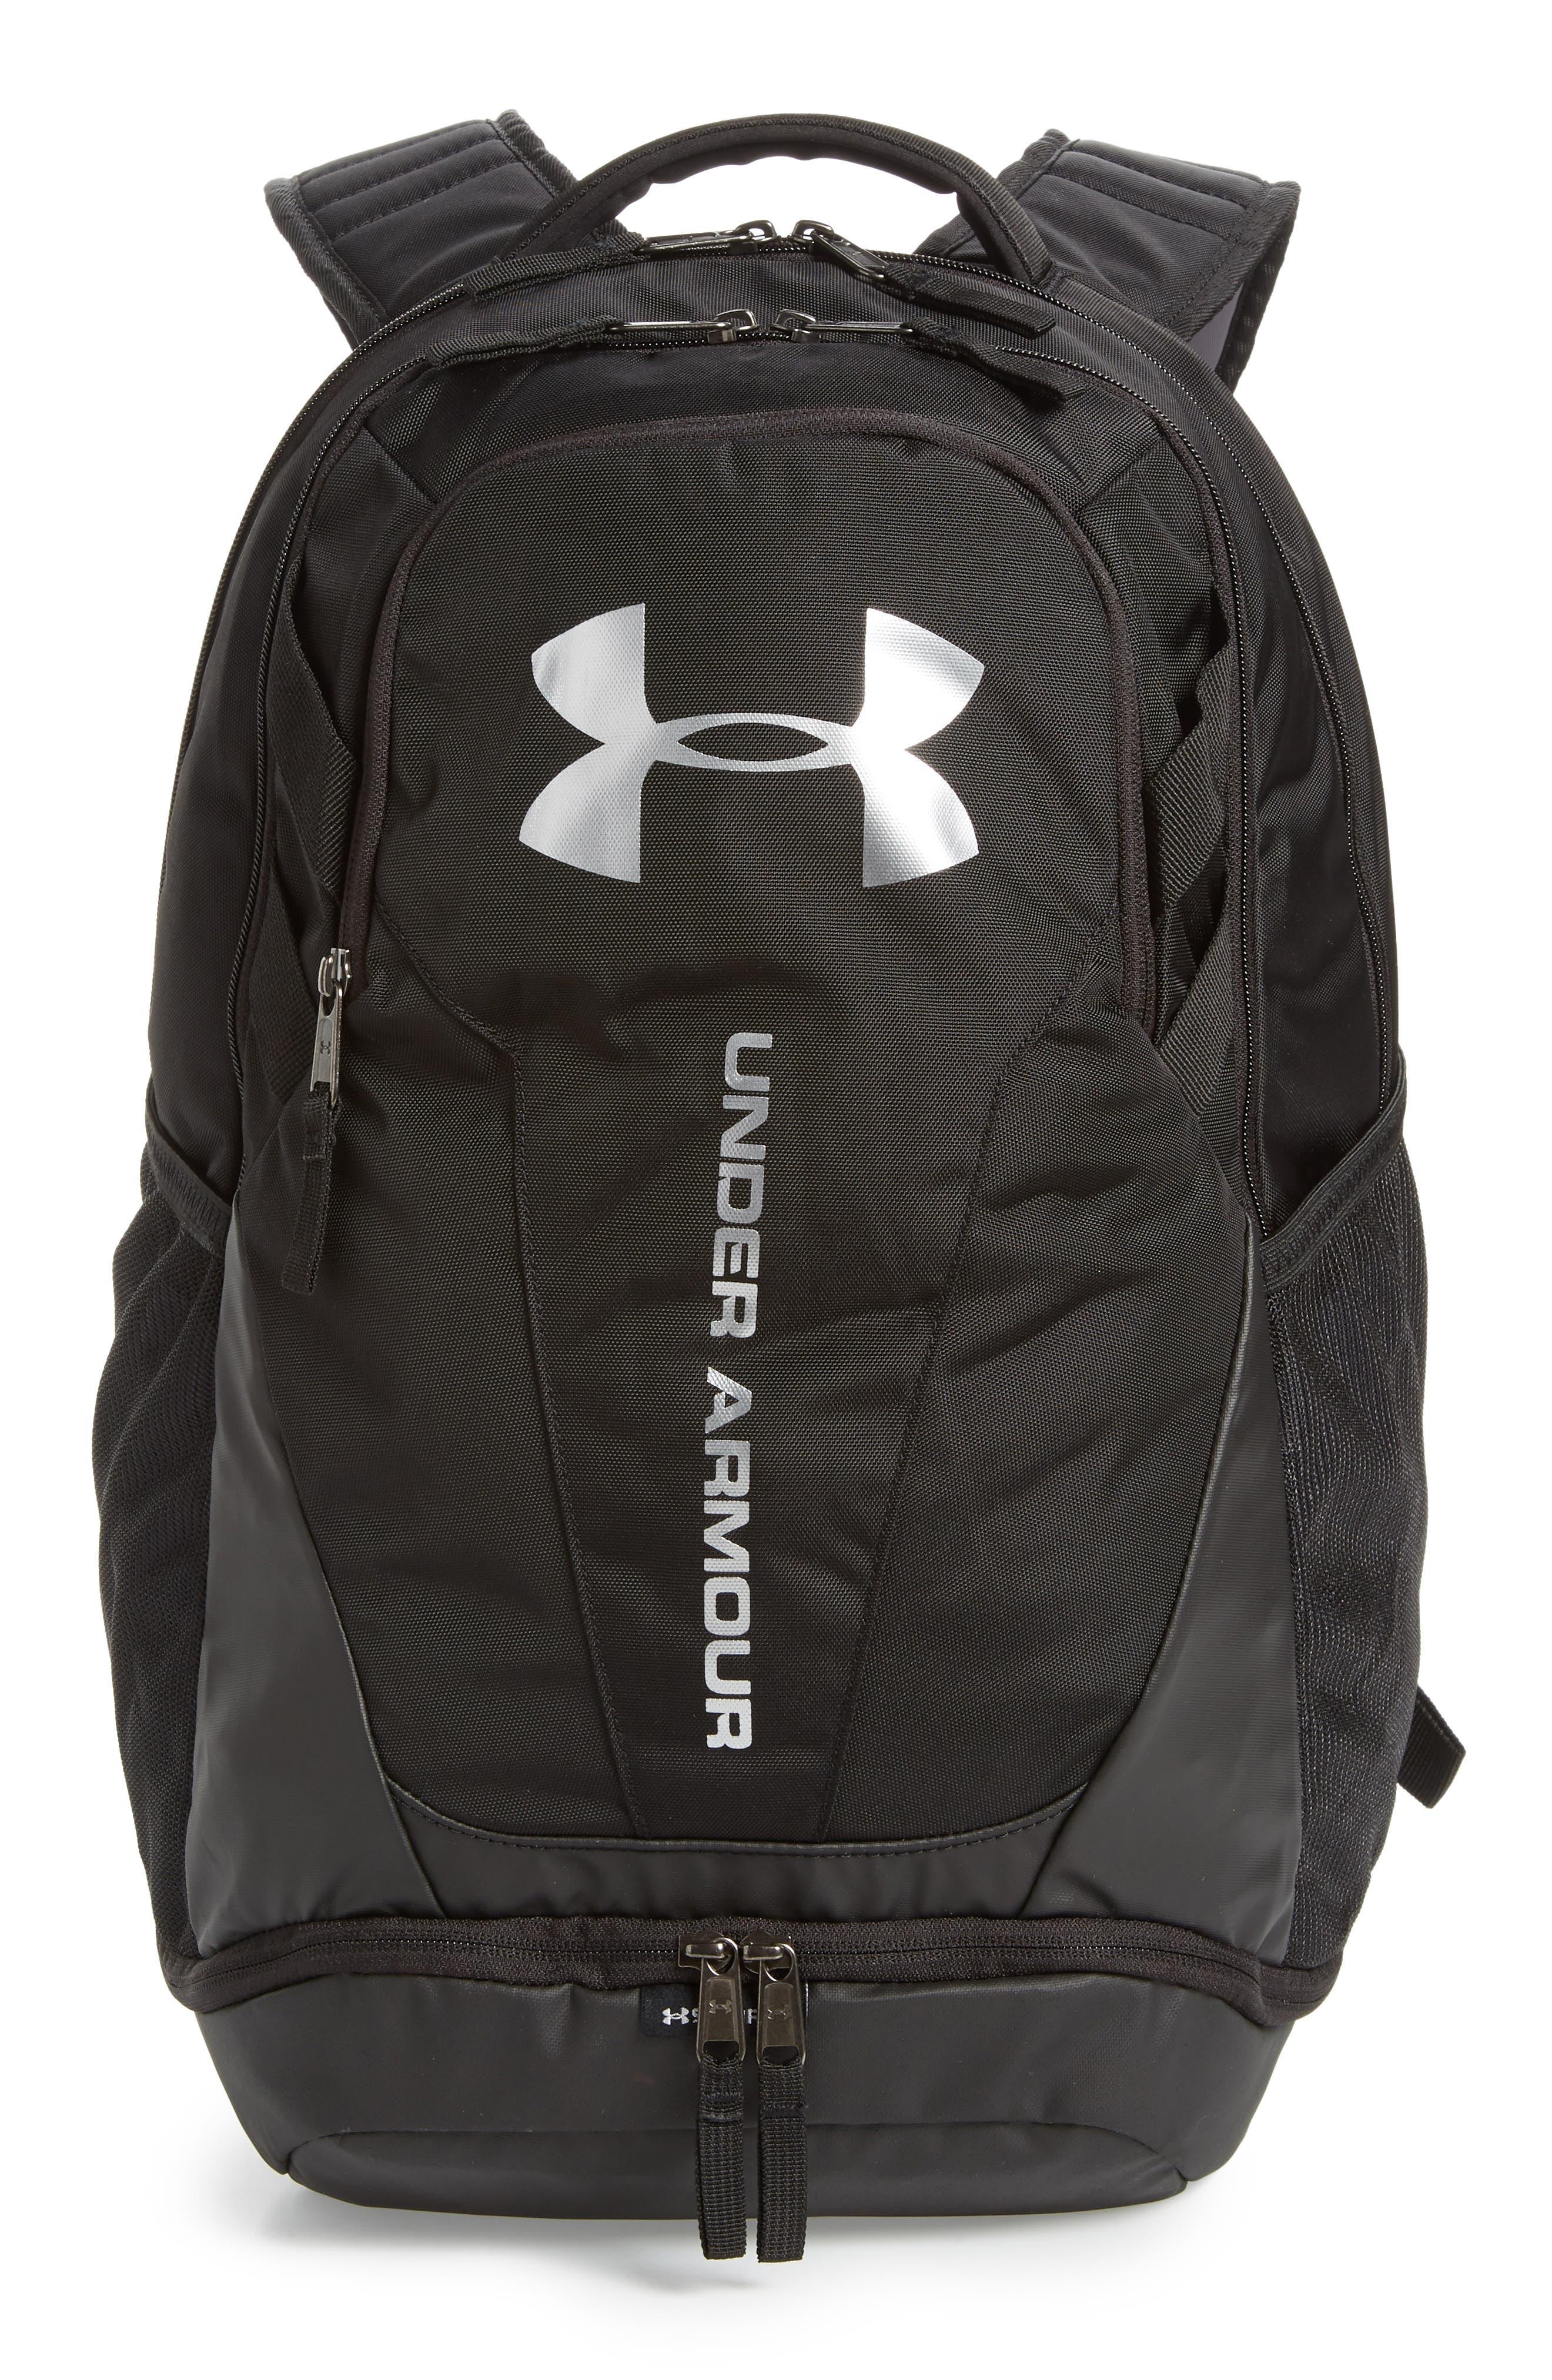 84e205ef8479 Nike Elite Backpack Pink Fire- Fenix Toulouse Handball